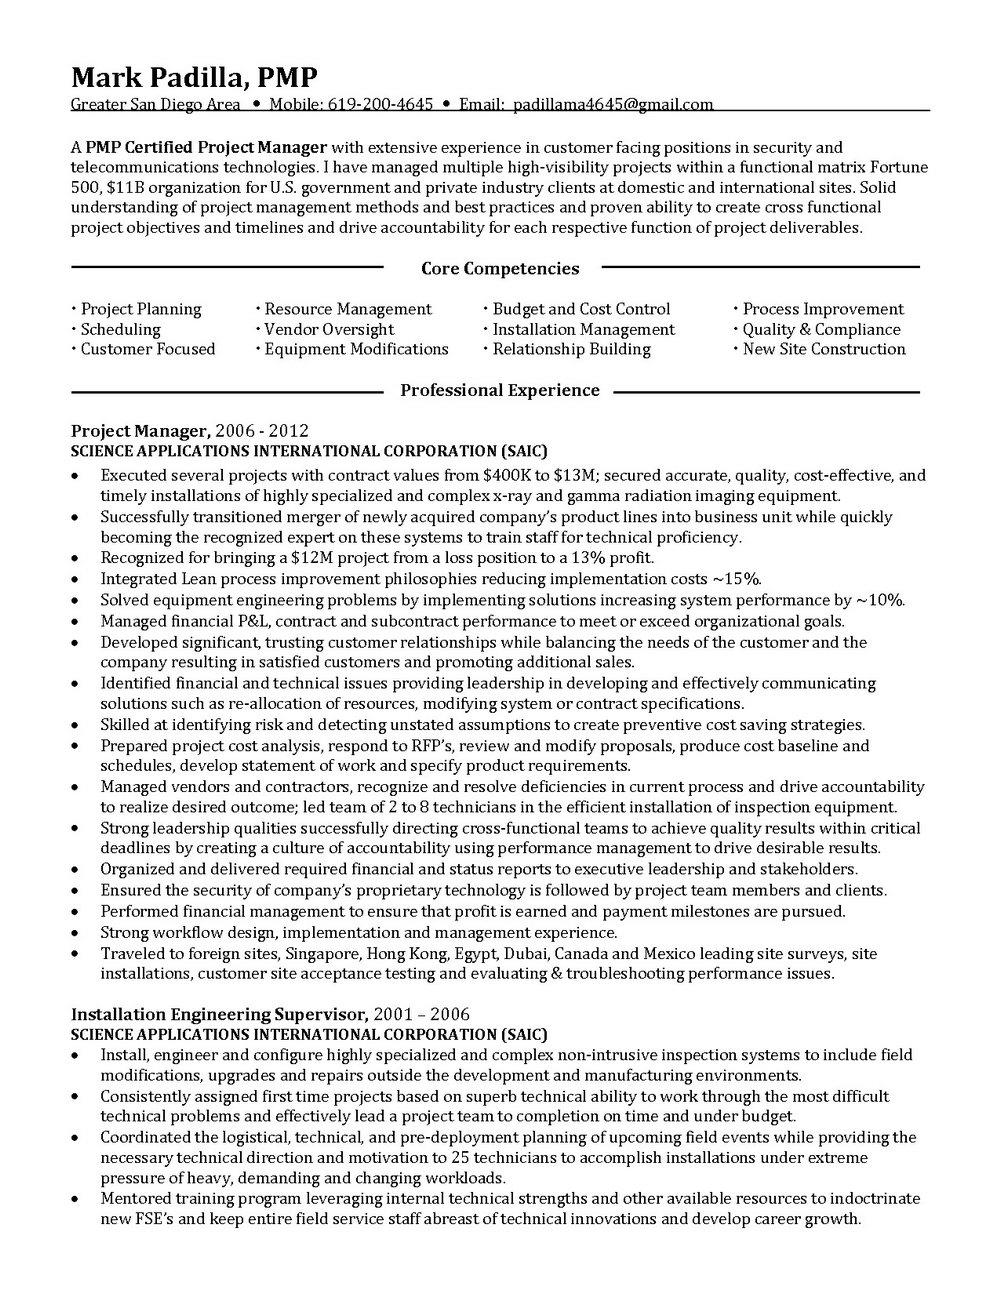 Best Resume Writers San Diego